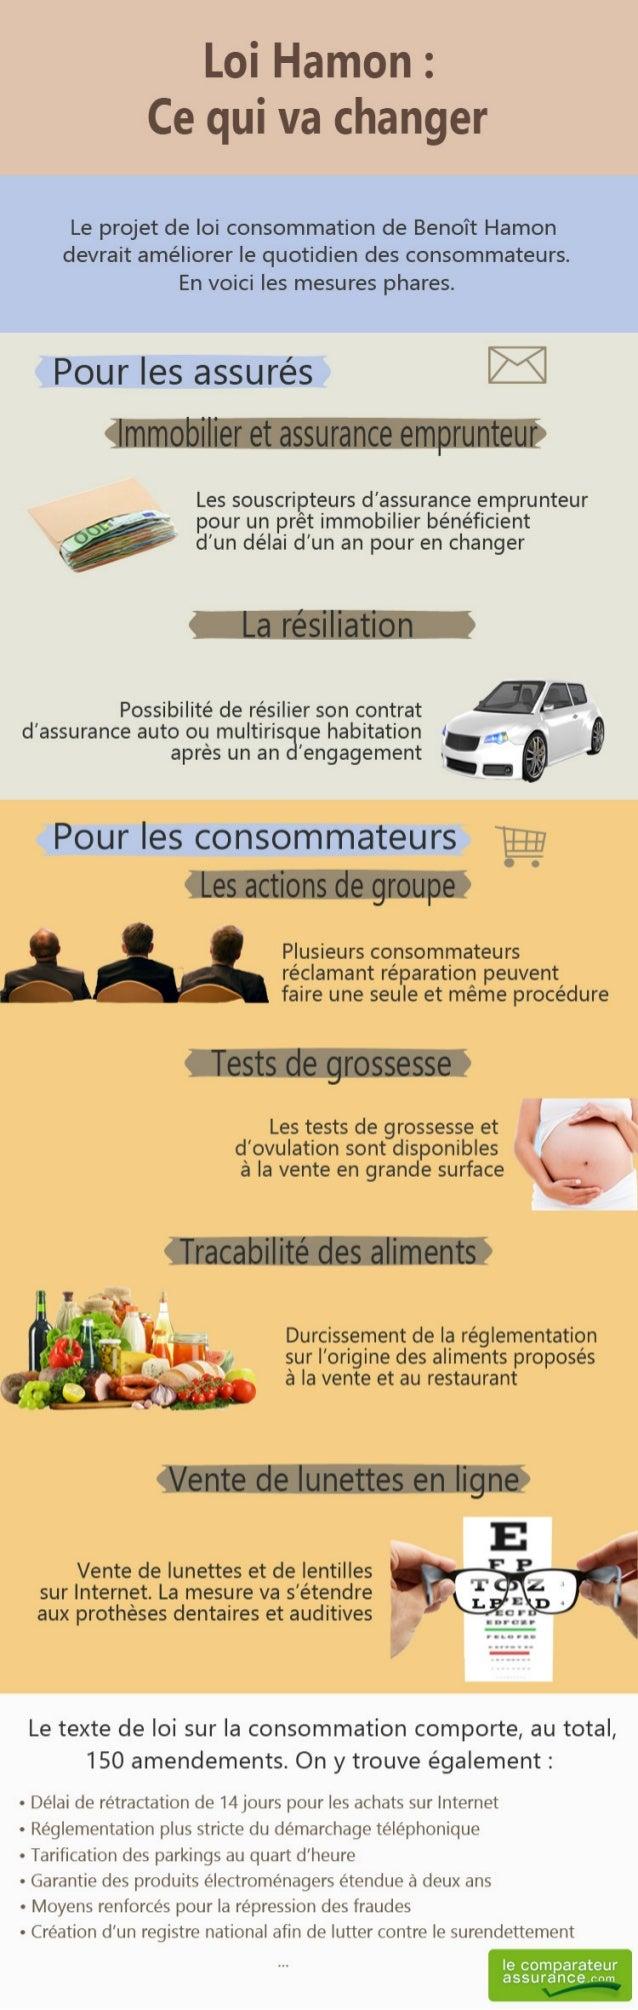 Infographie sur la loi Hamon sur la consommation